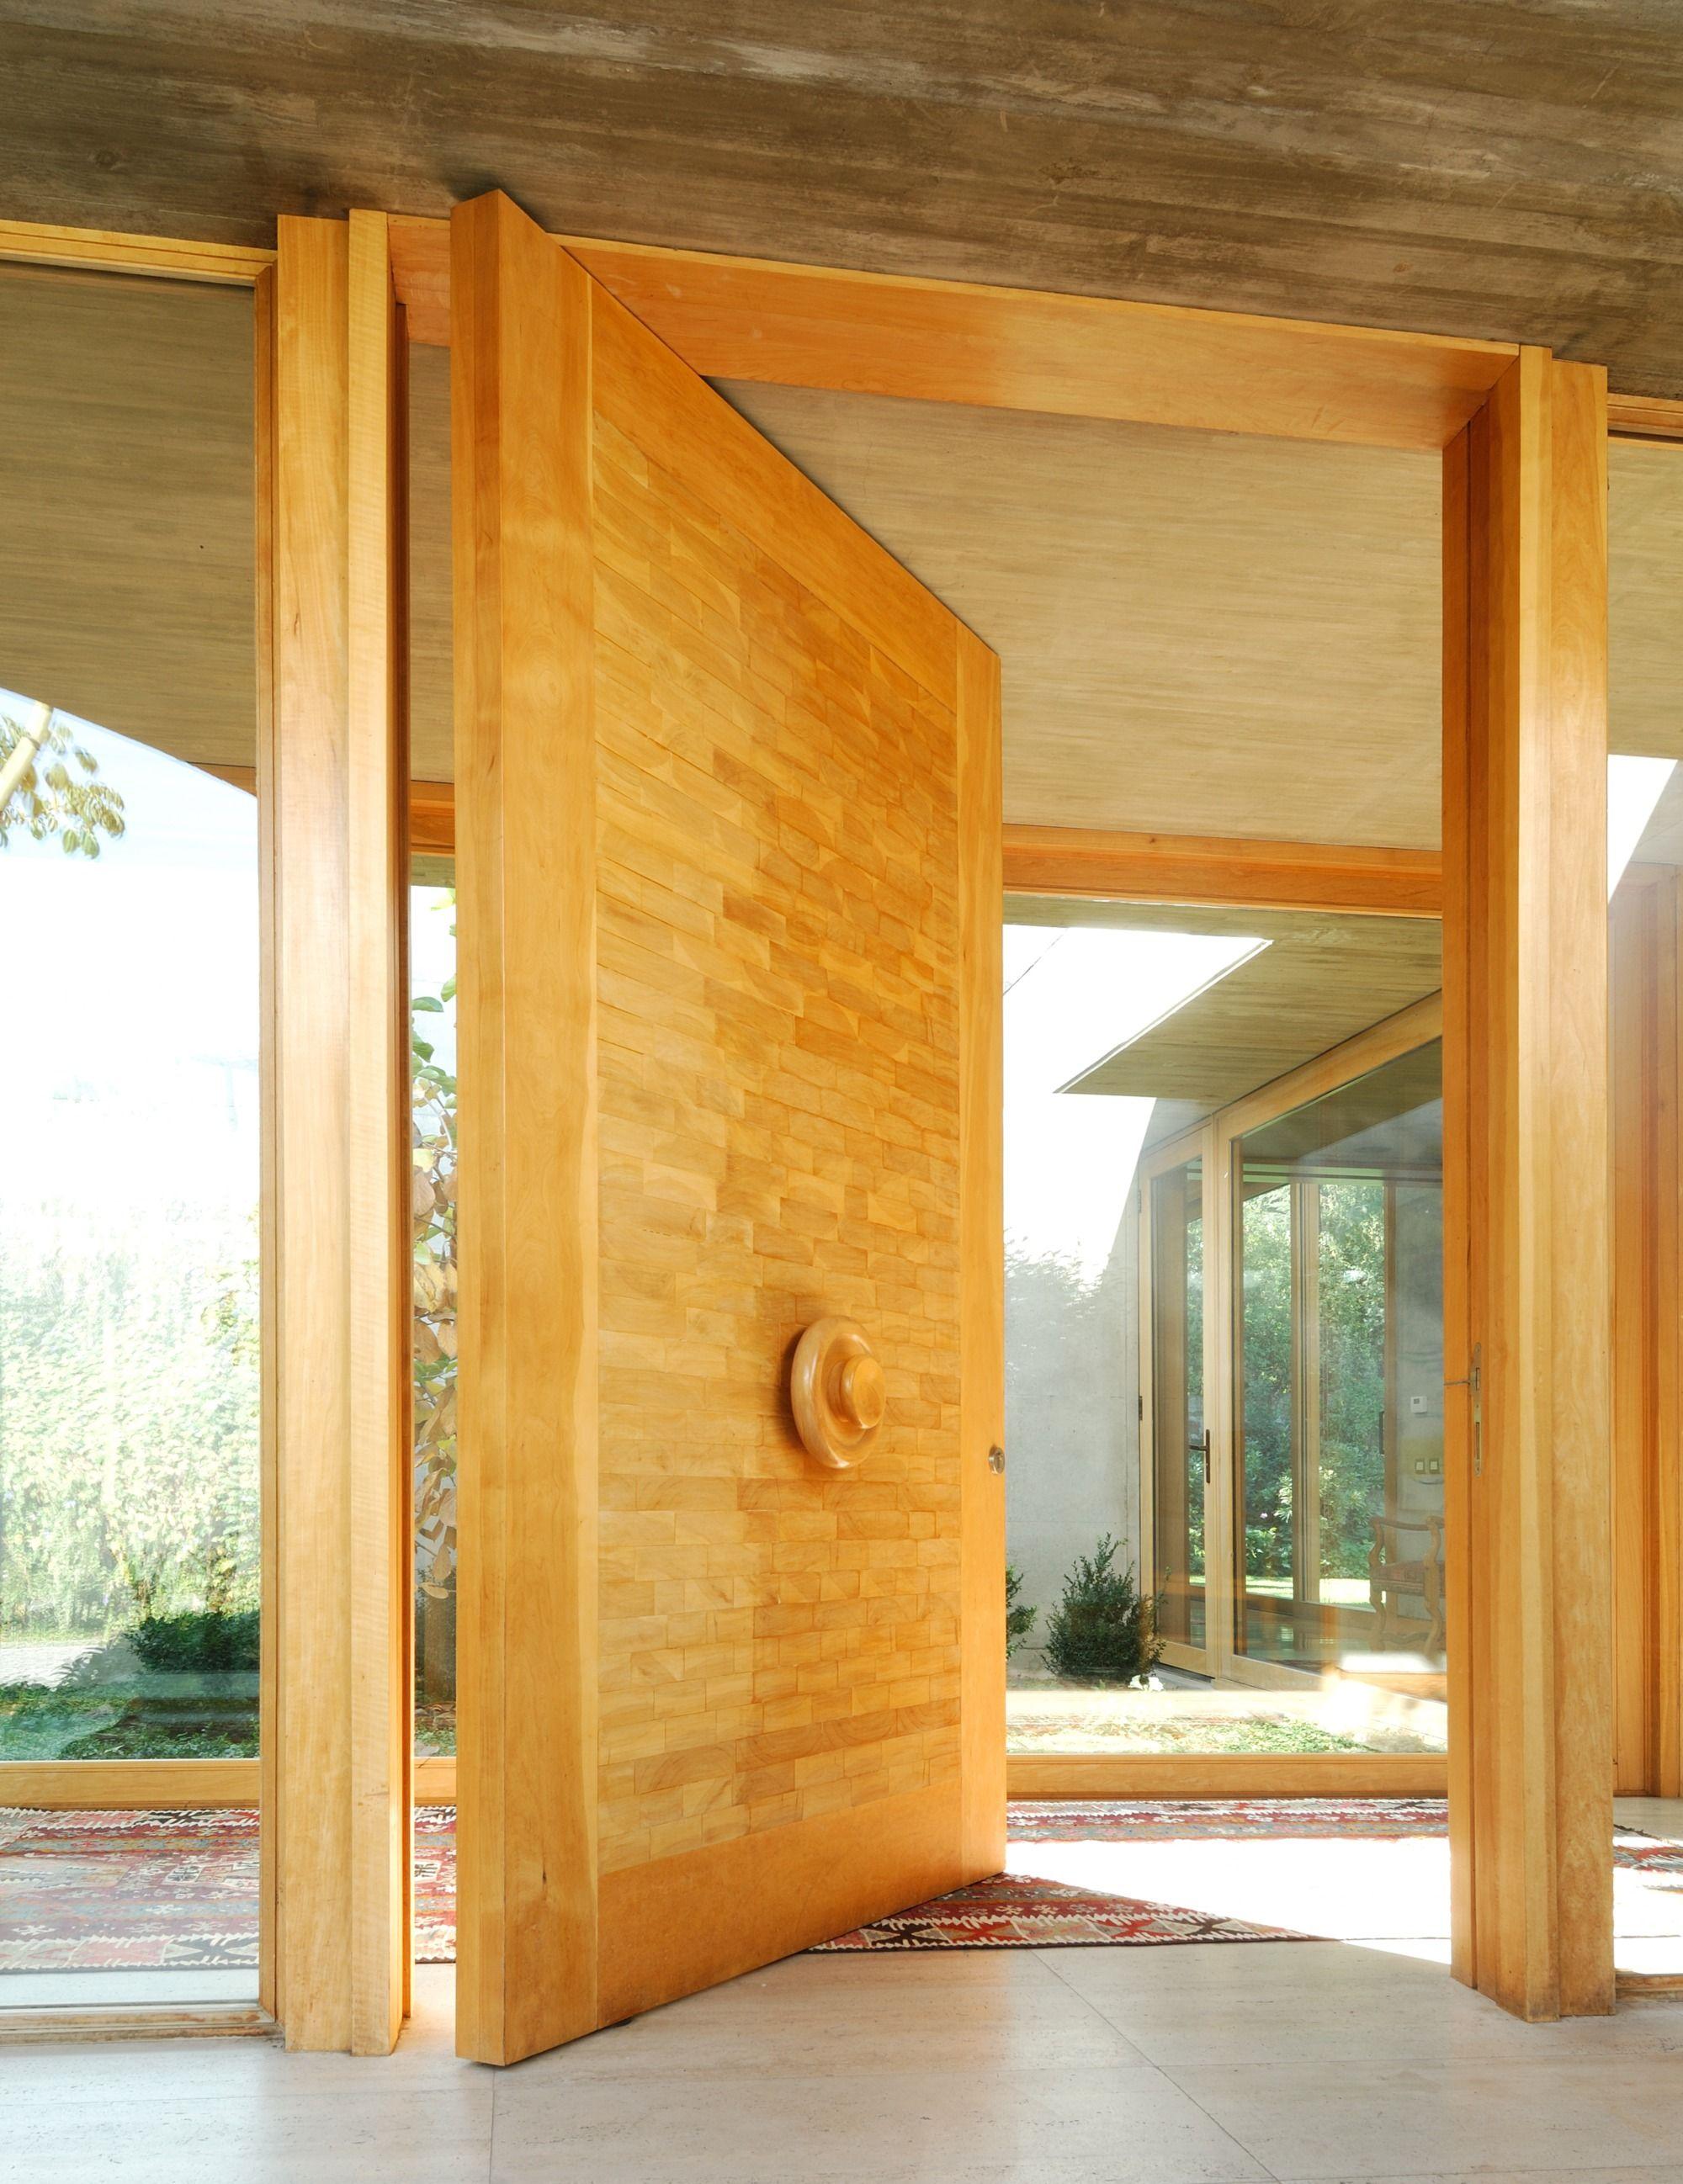 Materiales puertas de madera maciza interiores for Puertas de madera interiores